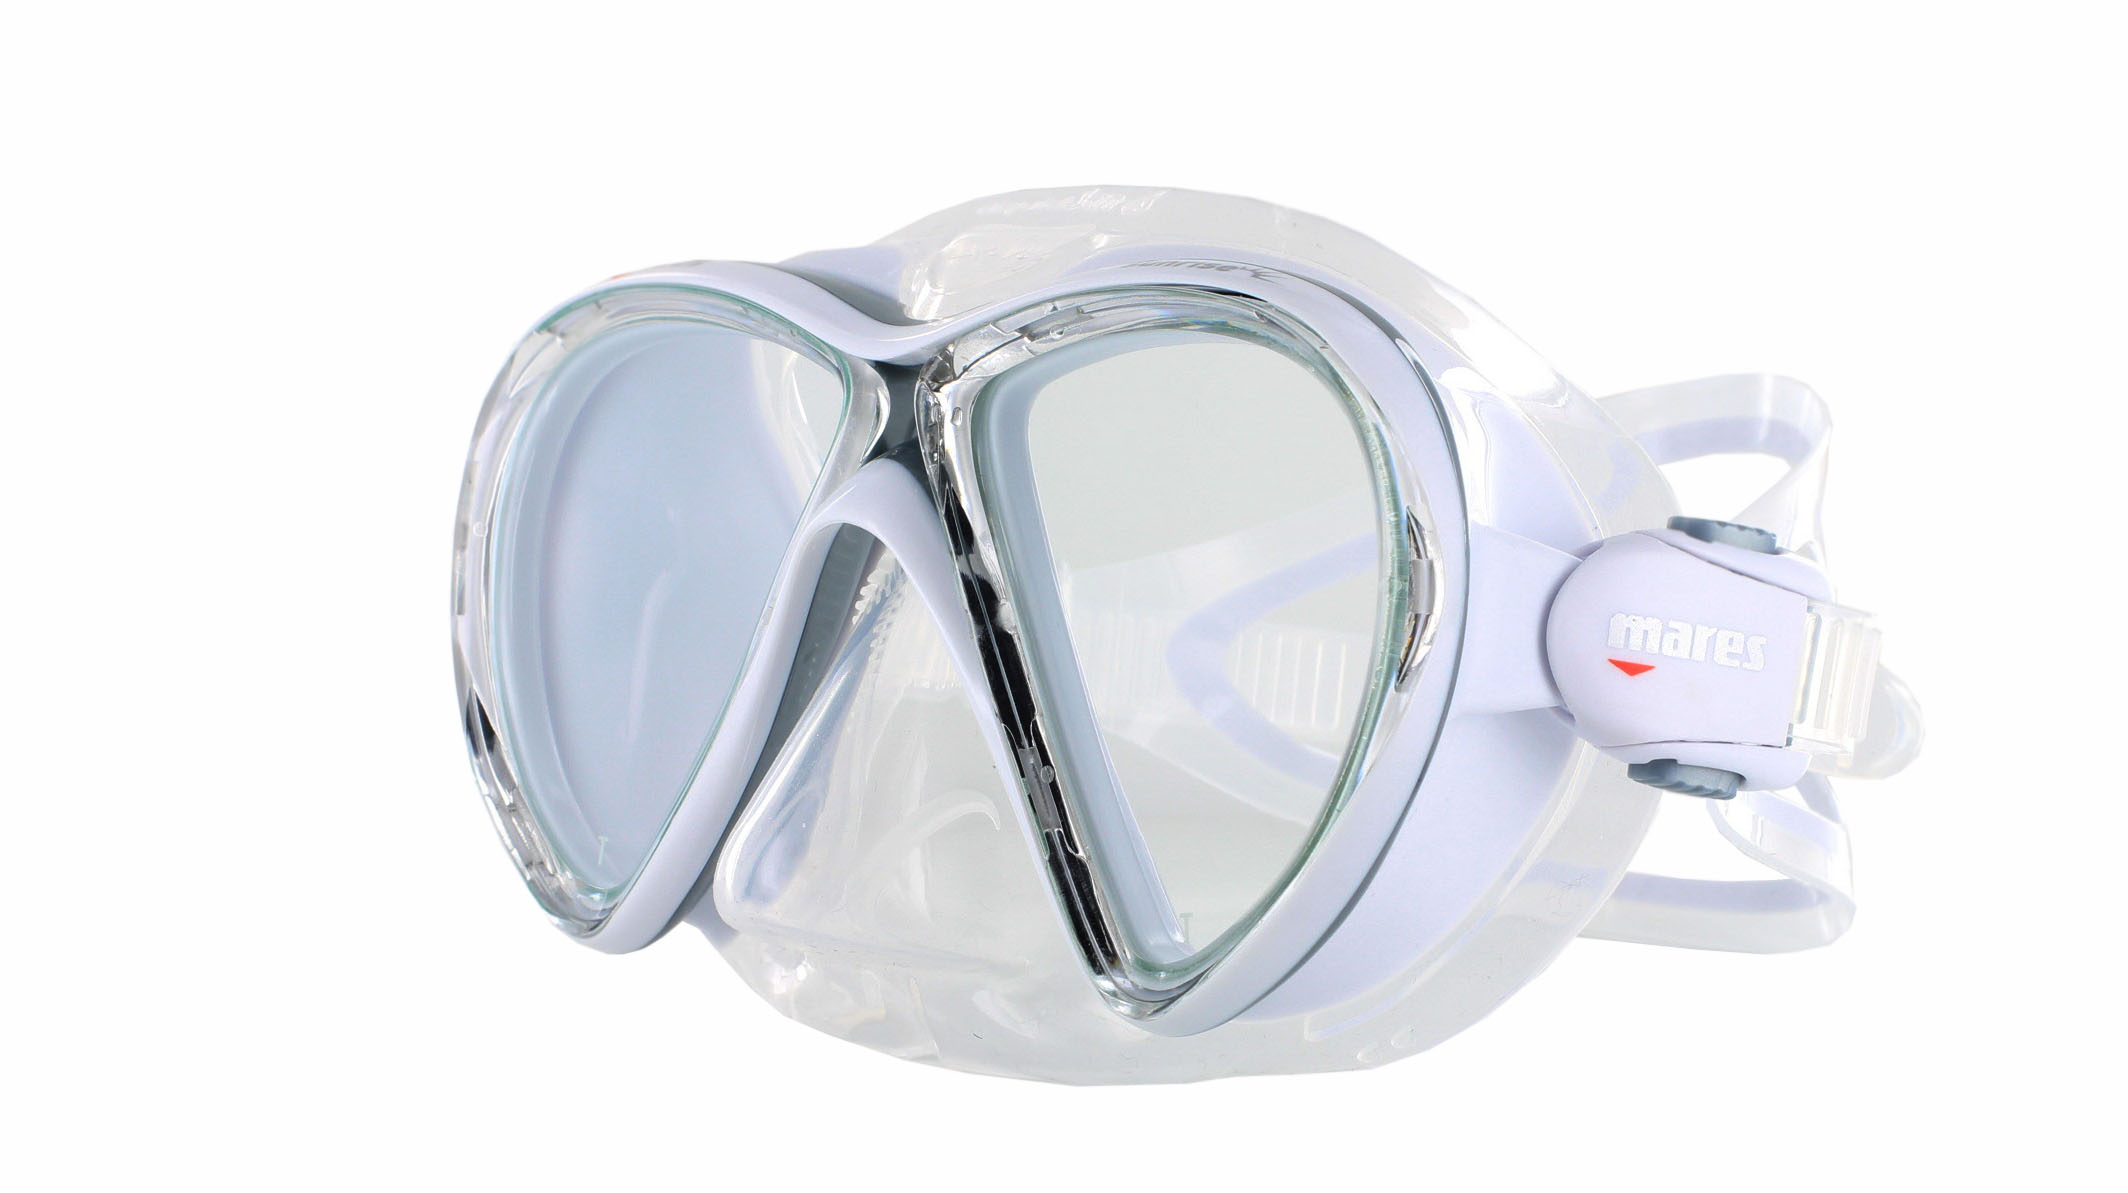 Mares X-VU - Clear/White Schräge Ansicht